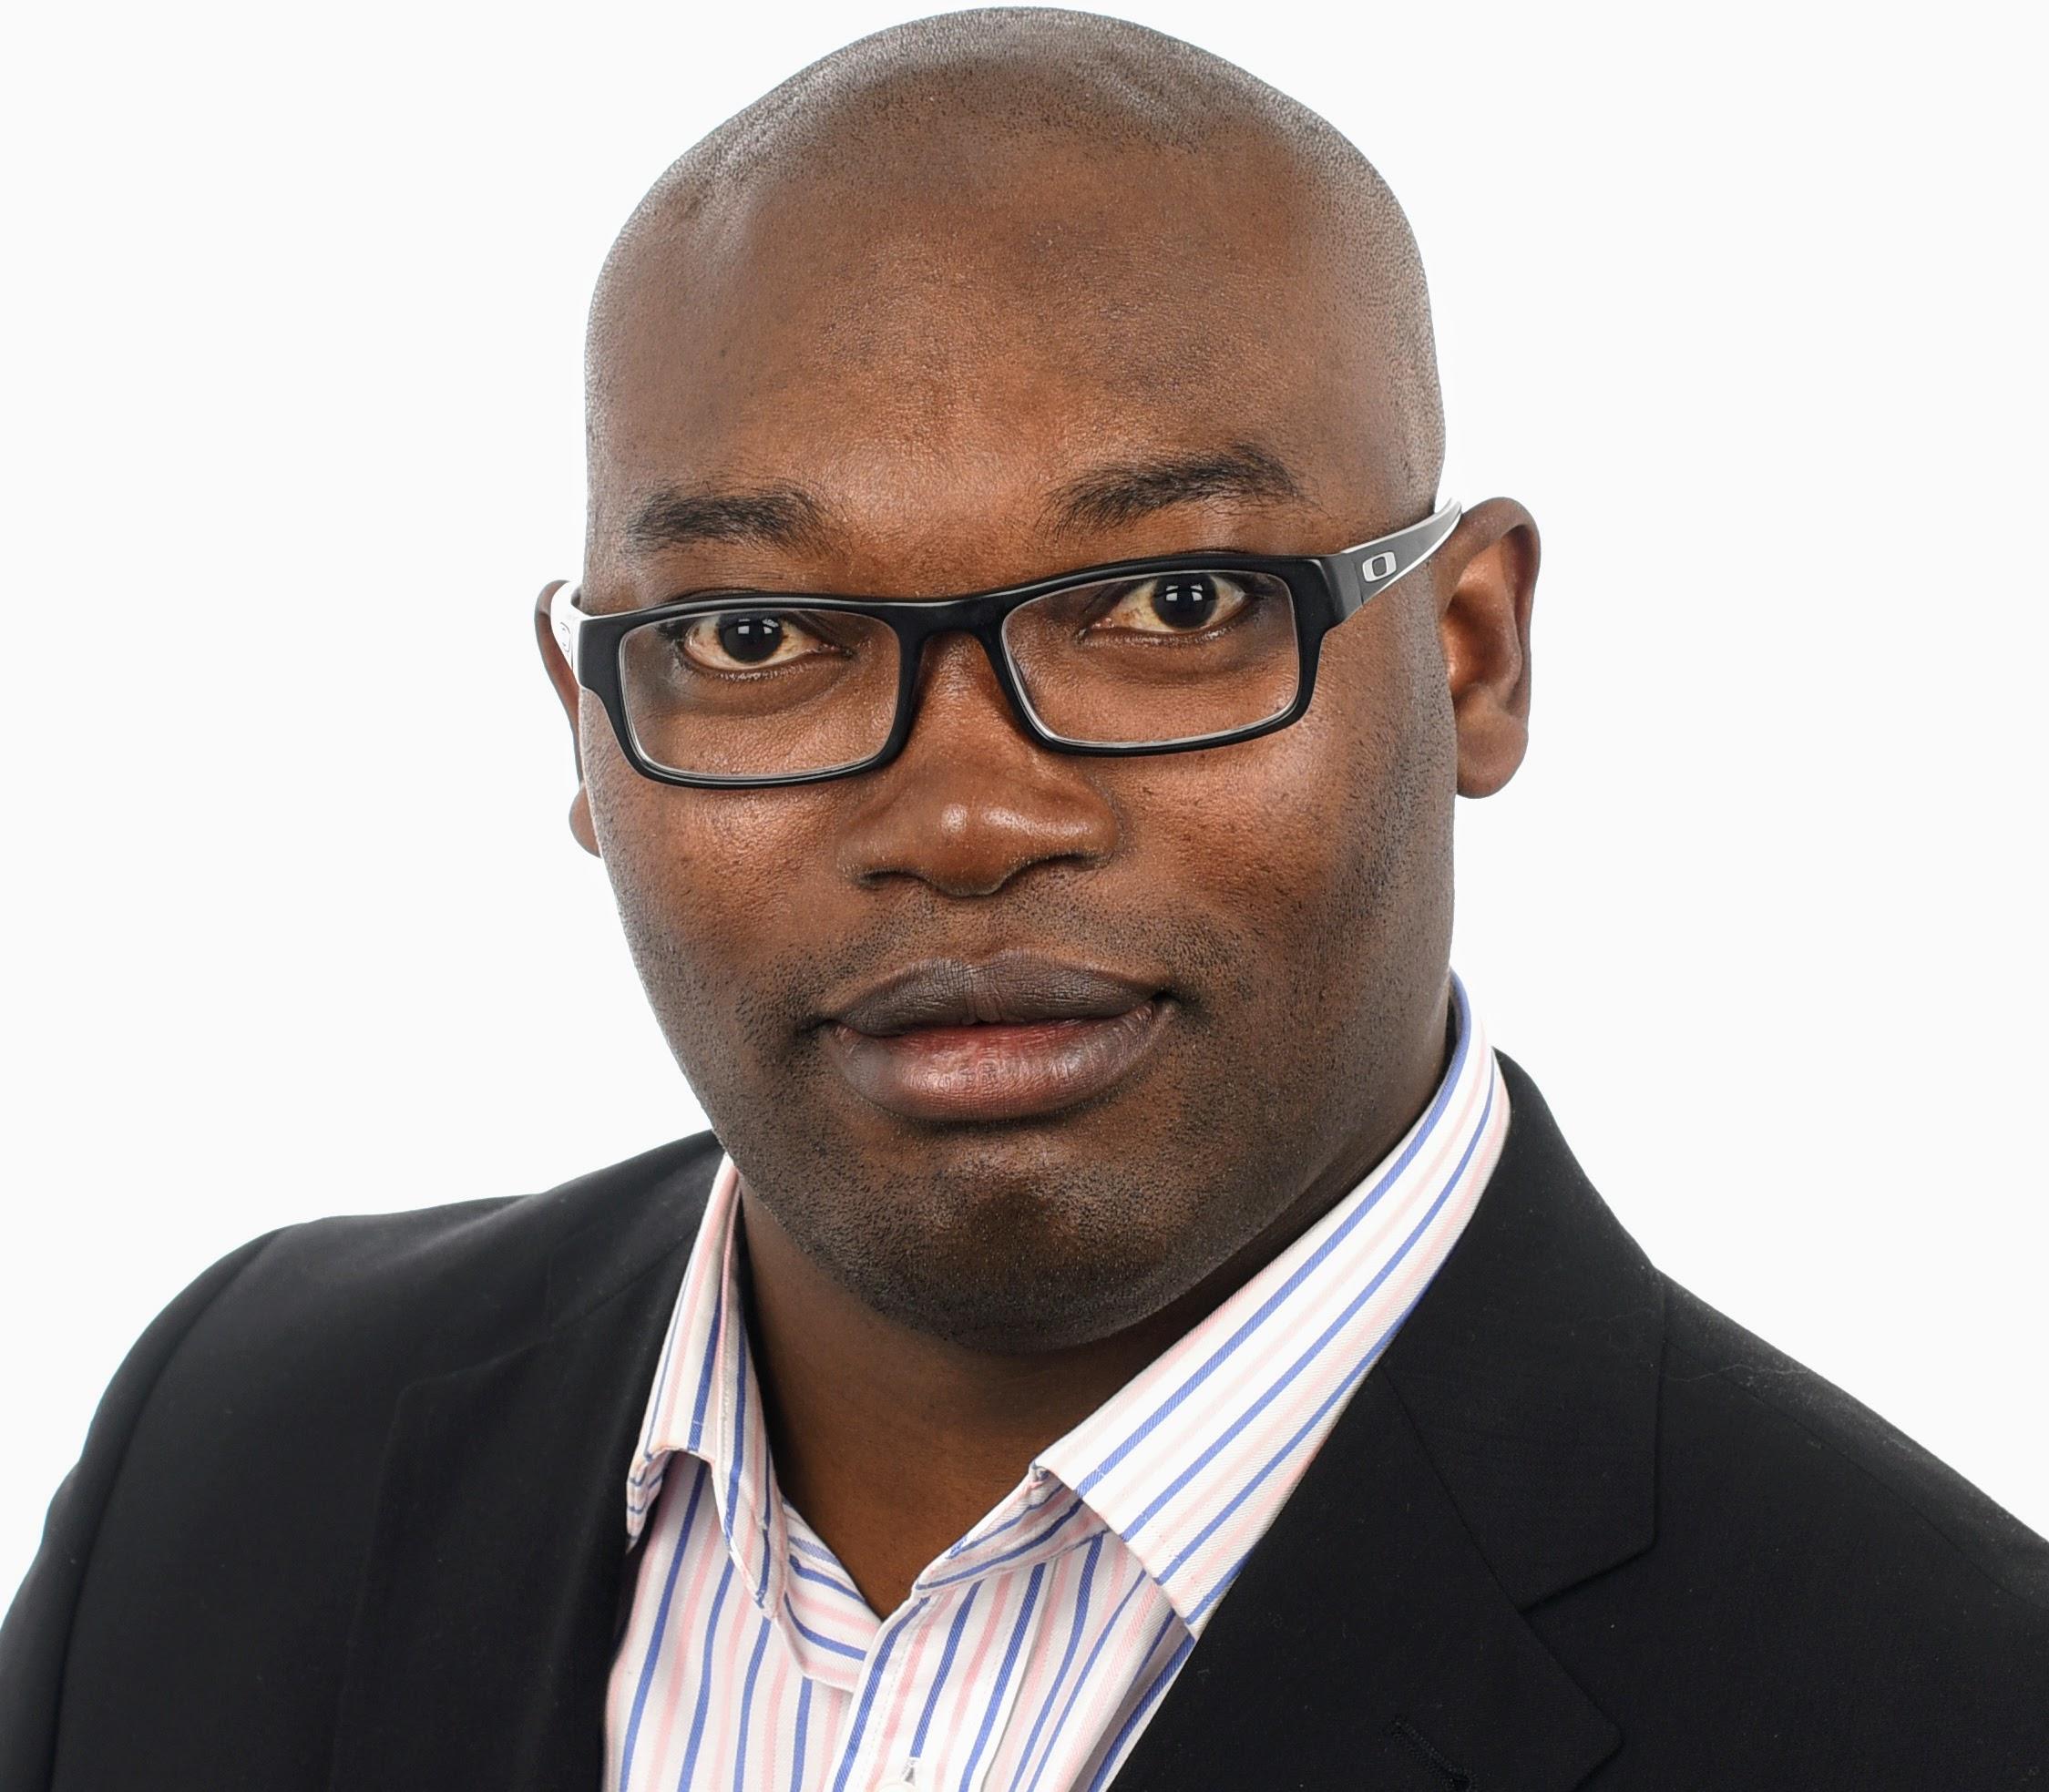 Dr. olumide abimbola, senior consultant